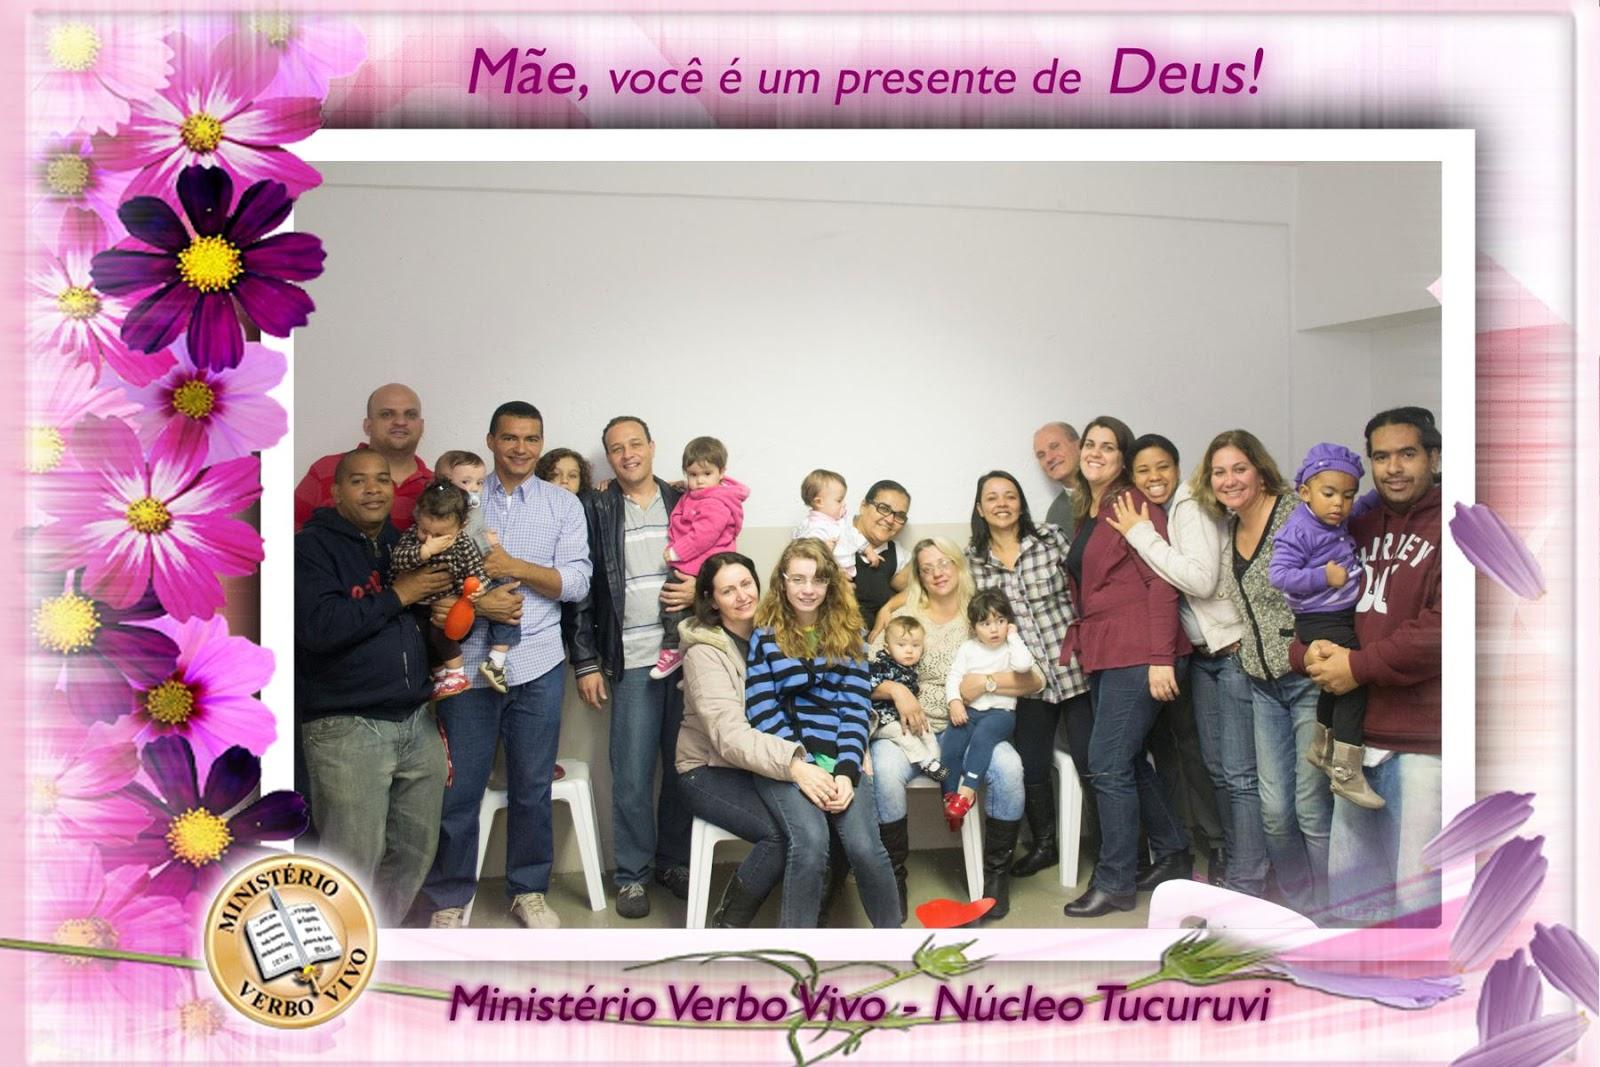 http://fotos-lembranca.blogspot.com.br/2014/05/20140511-dia-das-maes.html